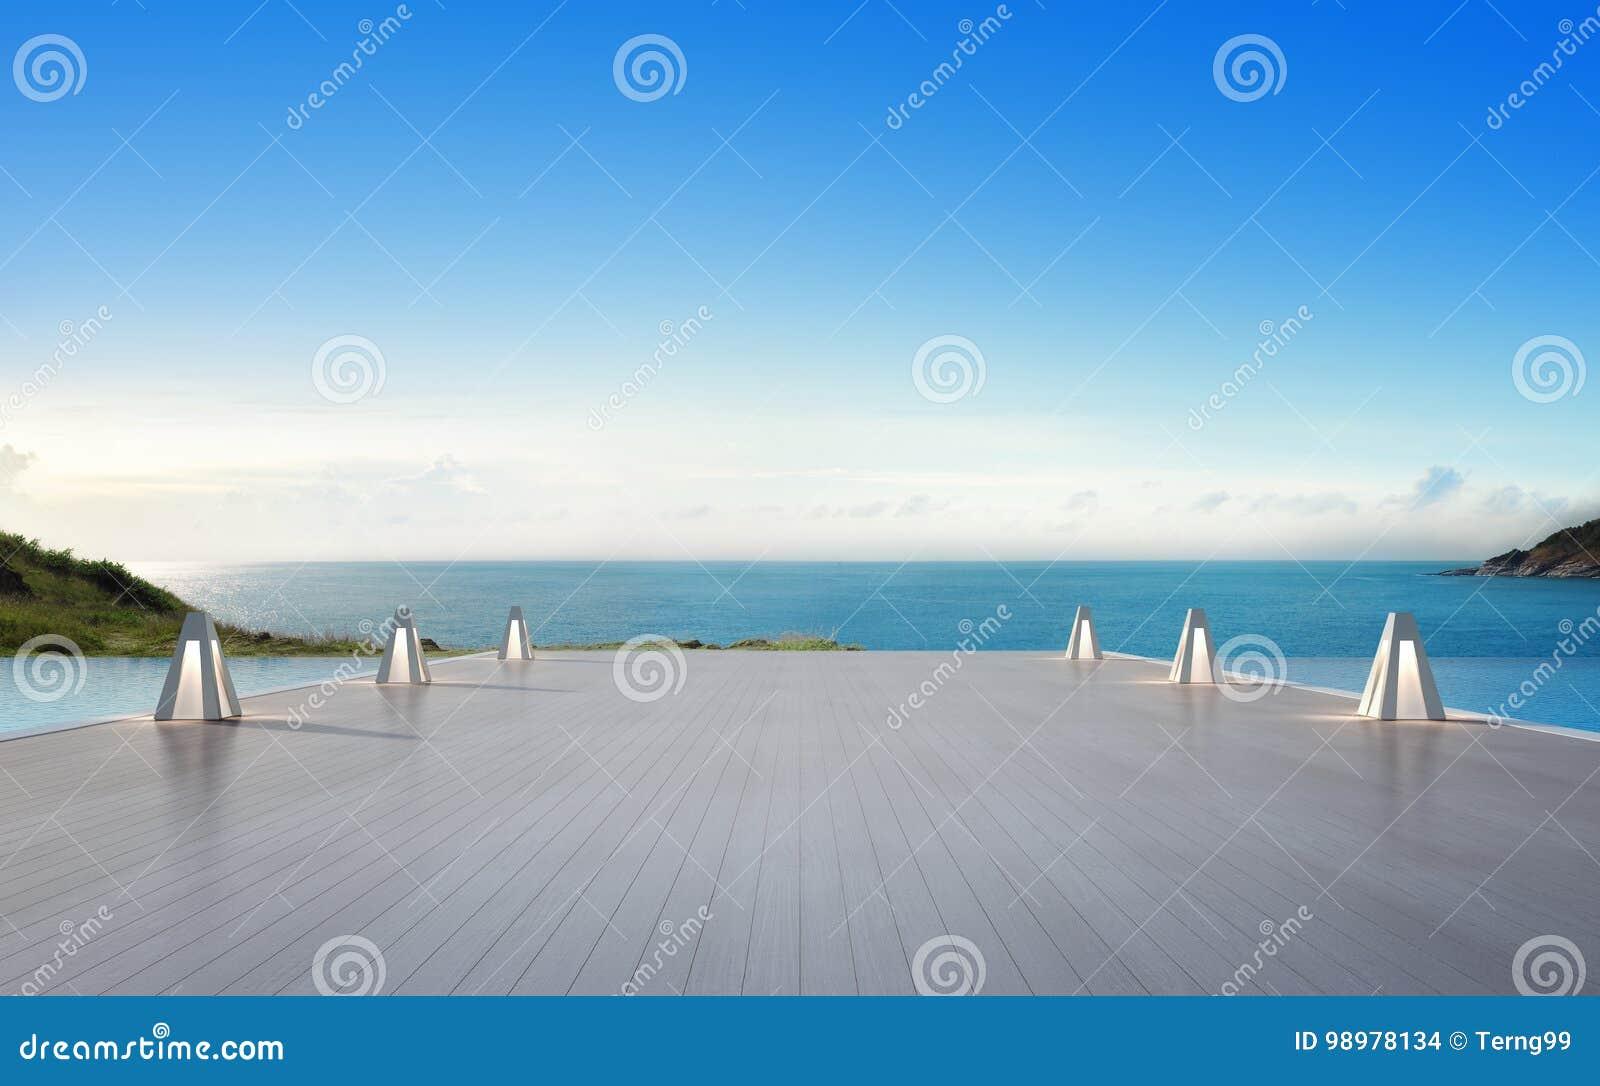 99f011b7be9f la-piscina -di-vista-del-mare-e-svuota-il-grande-terrazzo-nella-casa-spiaggia-lusso-moderna-con-fondo-cielo-blu-lampade-sulla-98978134.jpg